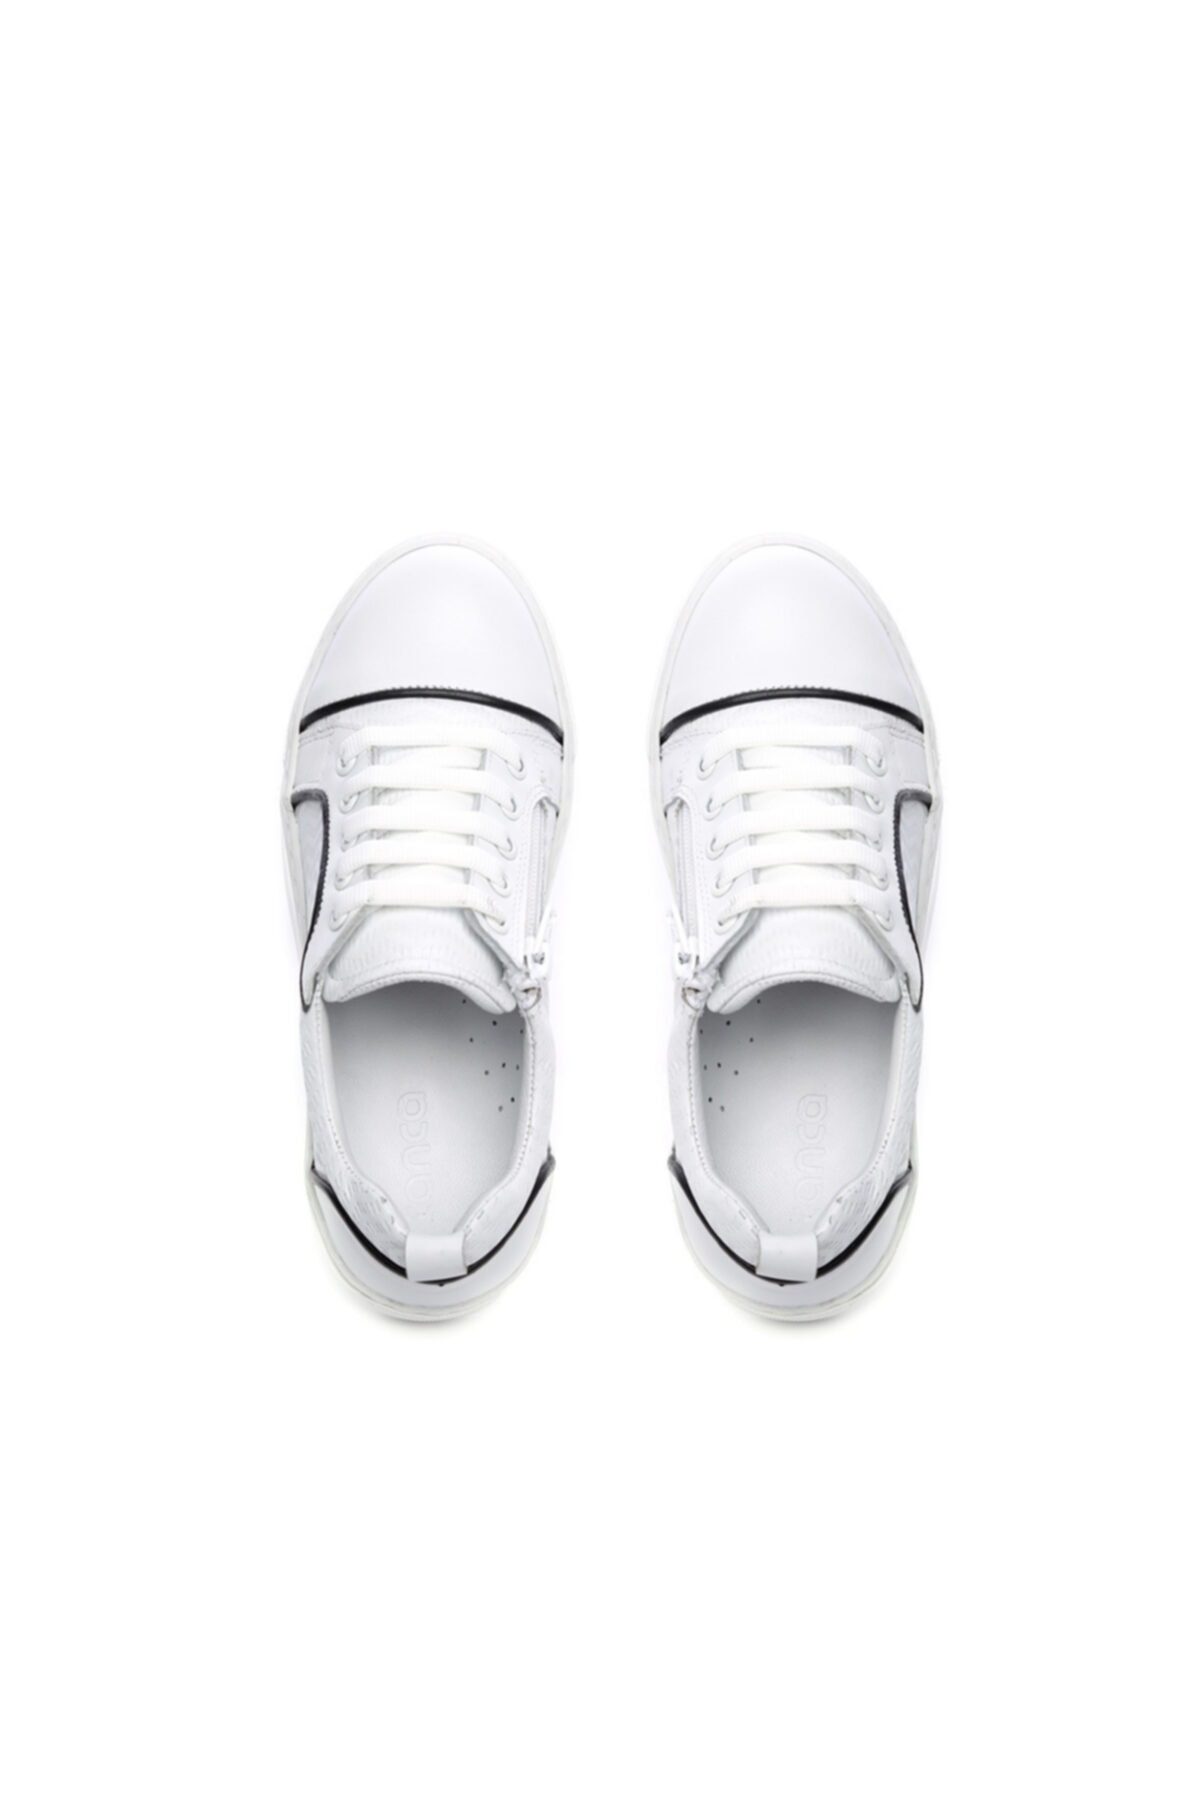 Kemal Tanca Çocuk Derı Çocuk Ayakkabı Ayakkabı 404 8231 Kıds Ayk 31-36